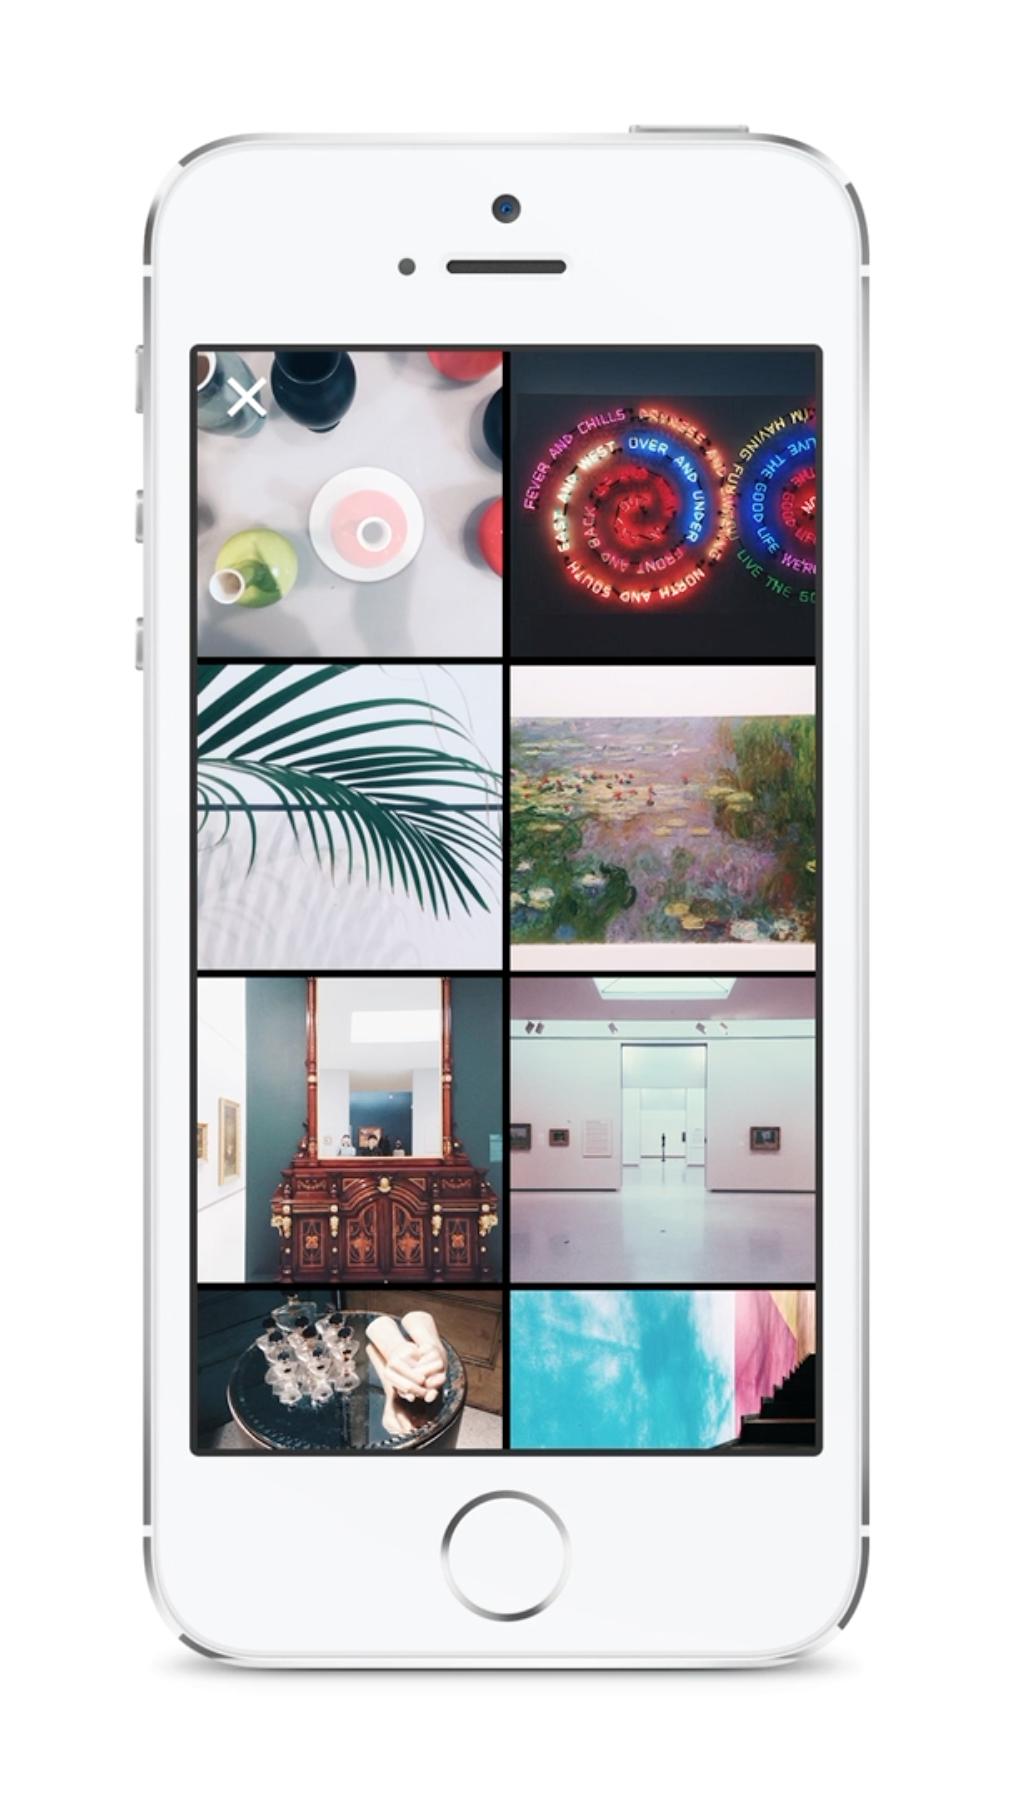 Screen Shot 2014-12-11 at 1.17.50 AM.png